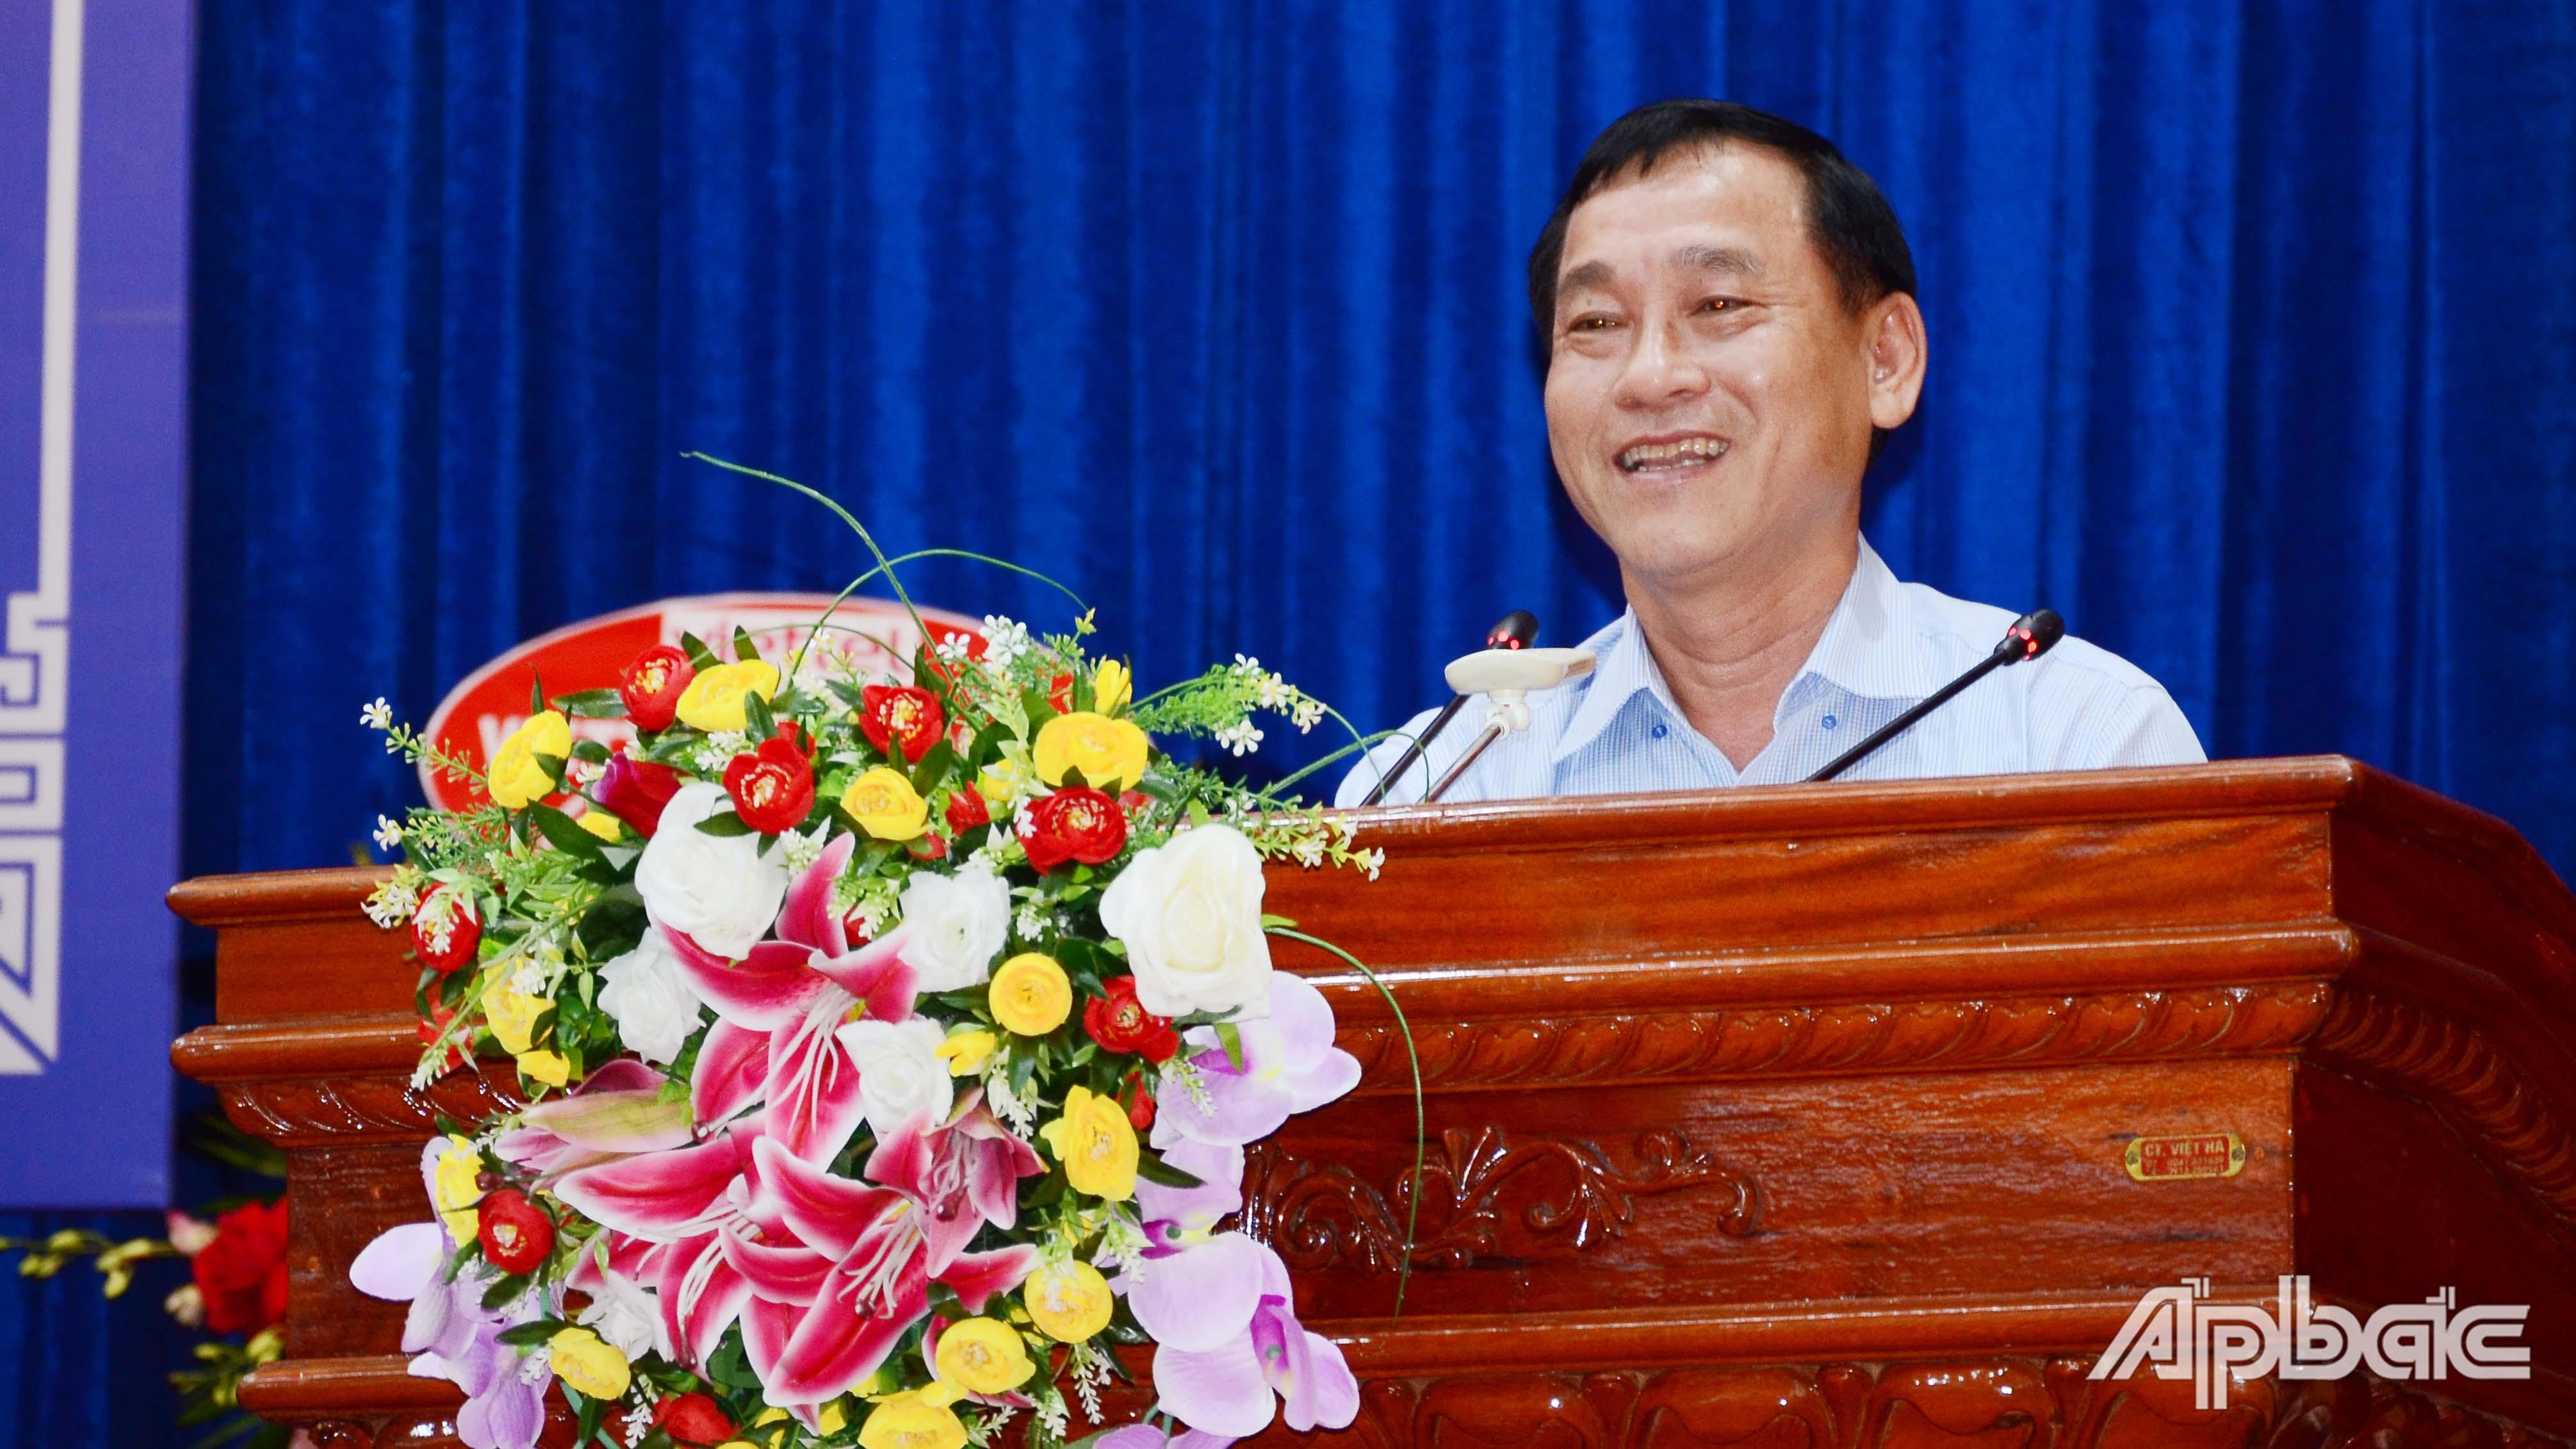 Đồng chí Nguyễn Văn Vĩnh phát biểu tại hội nghị.